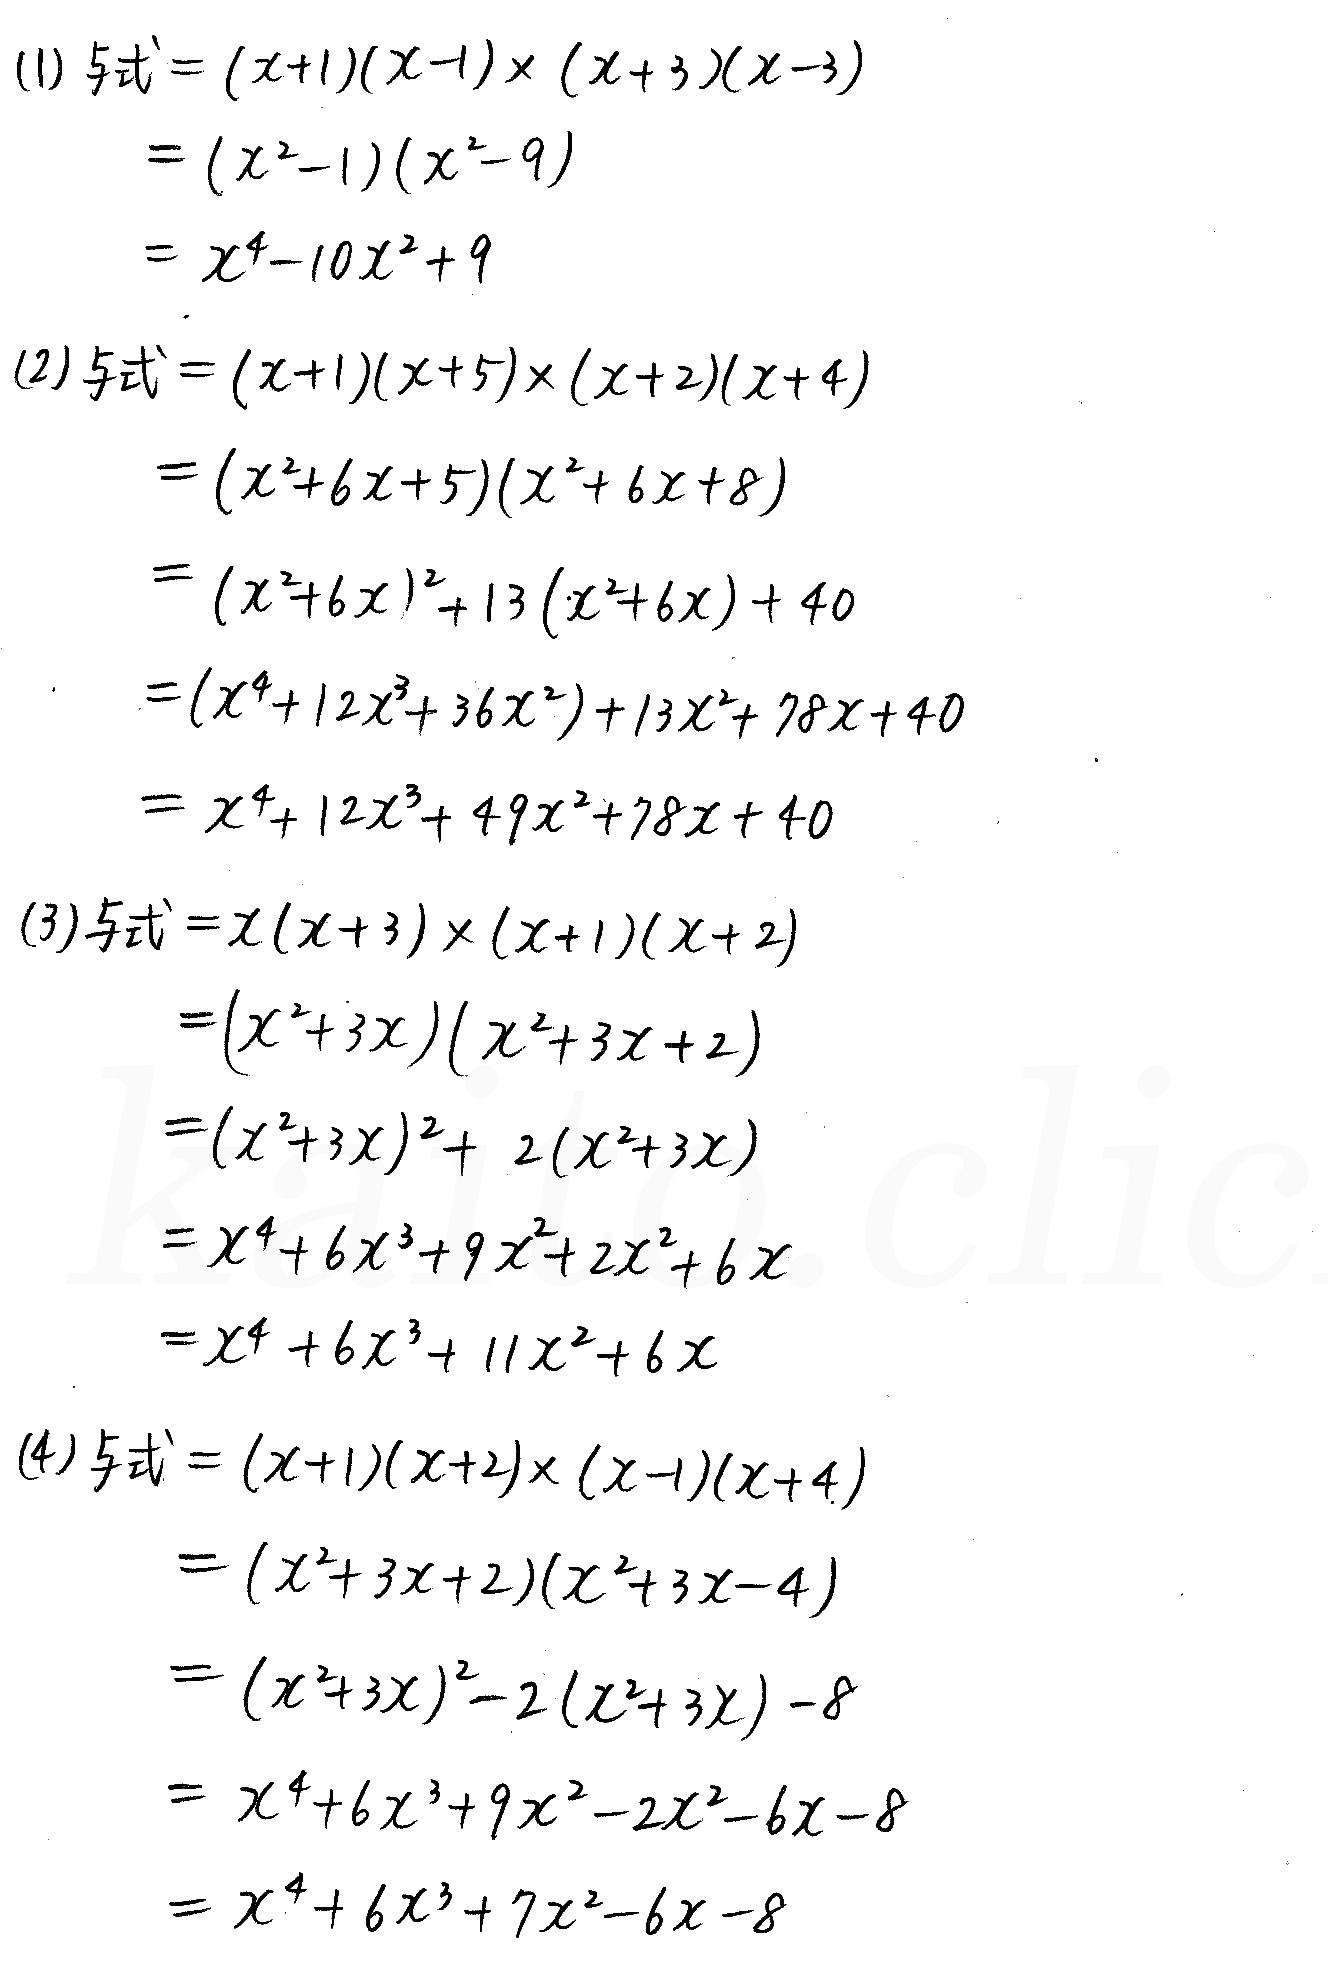 クリアー数学1-31解答